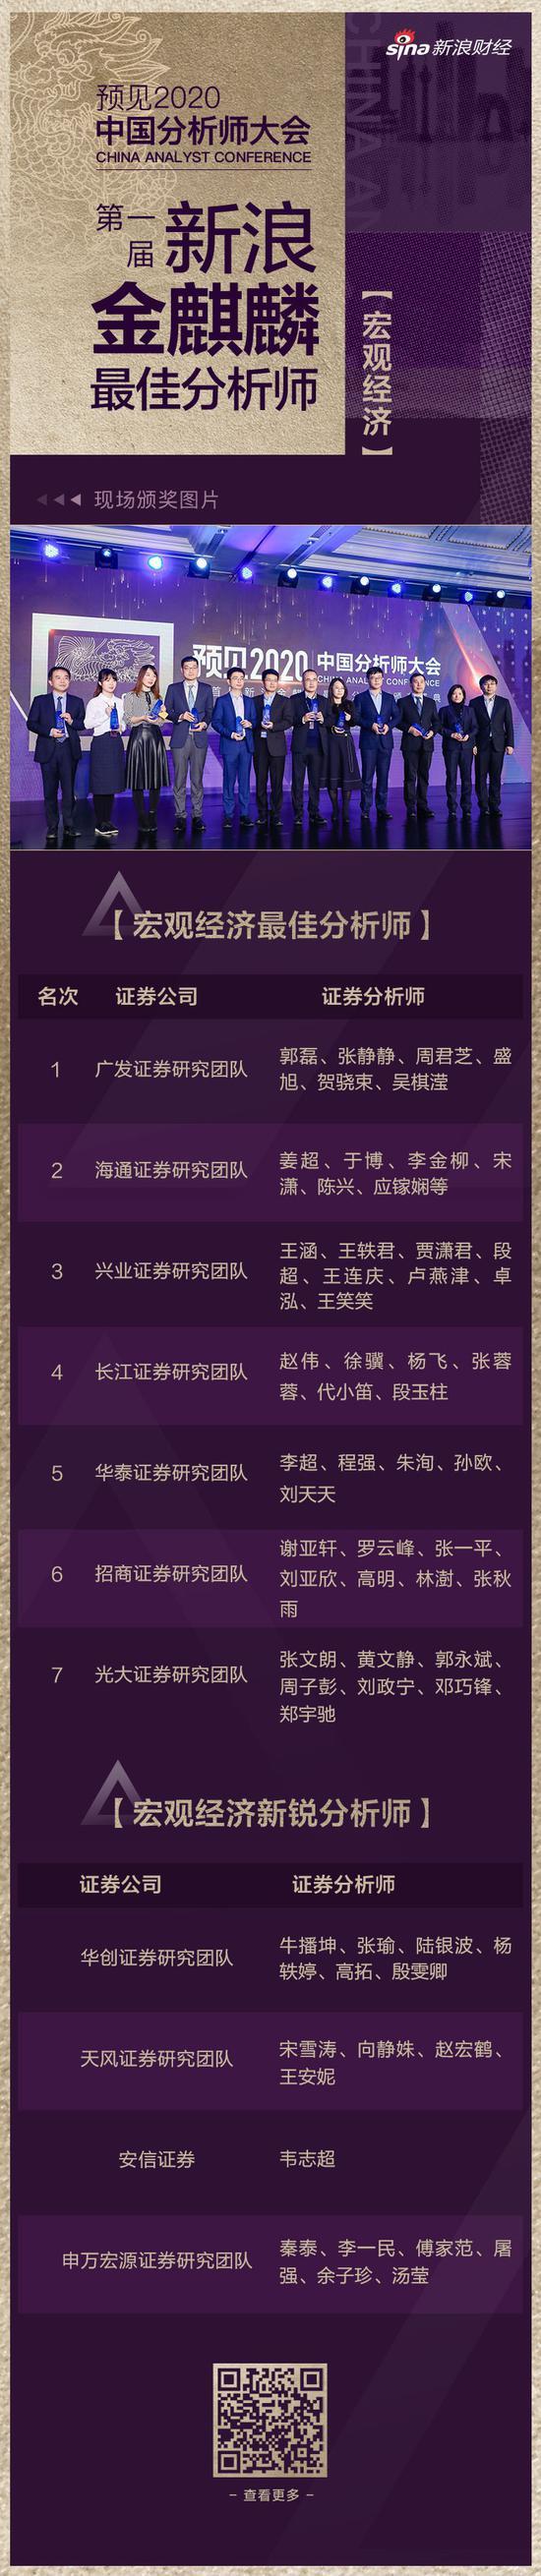 新宝娱乐网站|(上接D29版)广州广电计量检测股份有限公司首次公开发行股票招股意向书摘要(下转D31版)